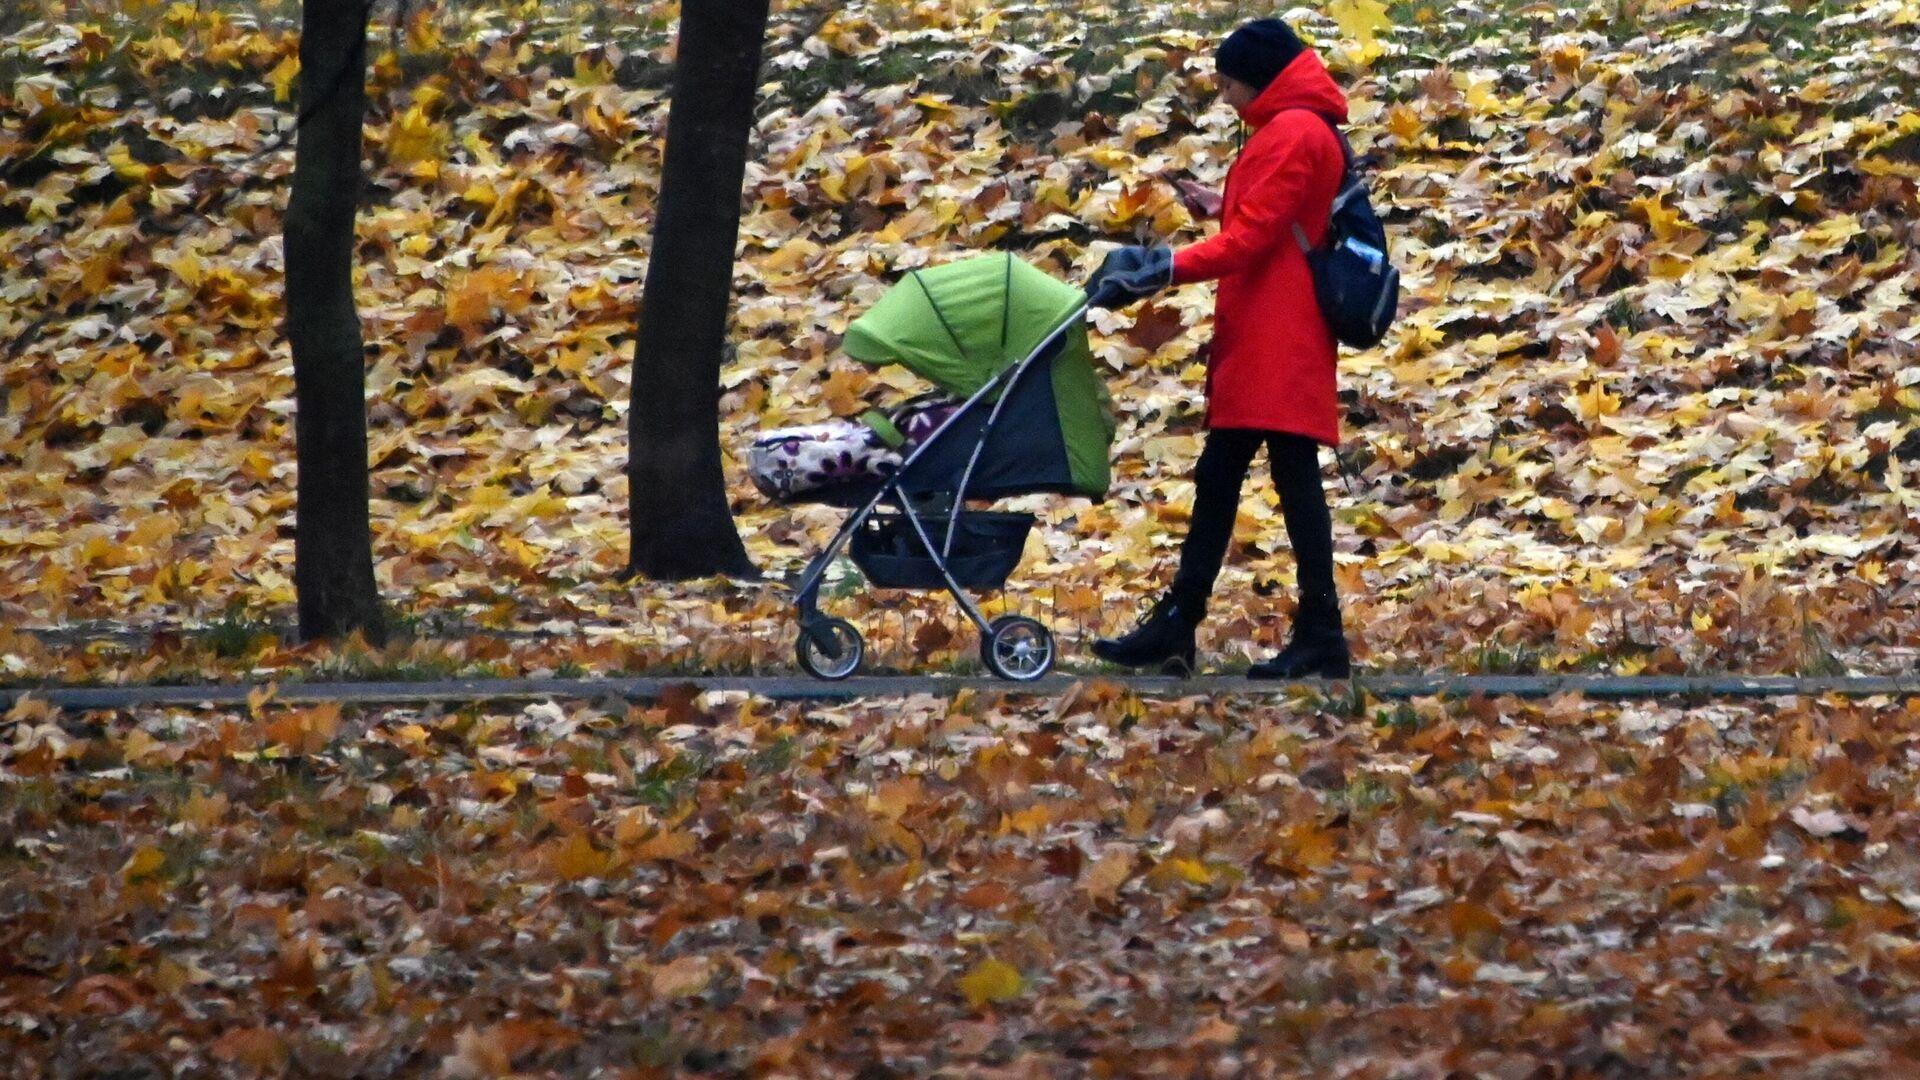 Женщина с детской коляской гуляет в сквере на Ленинском проспекте в Москве - РИА Новости, 1920, 20.11.2020